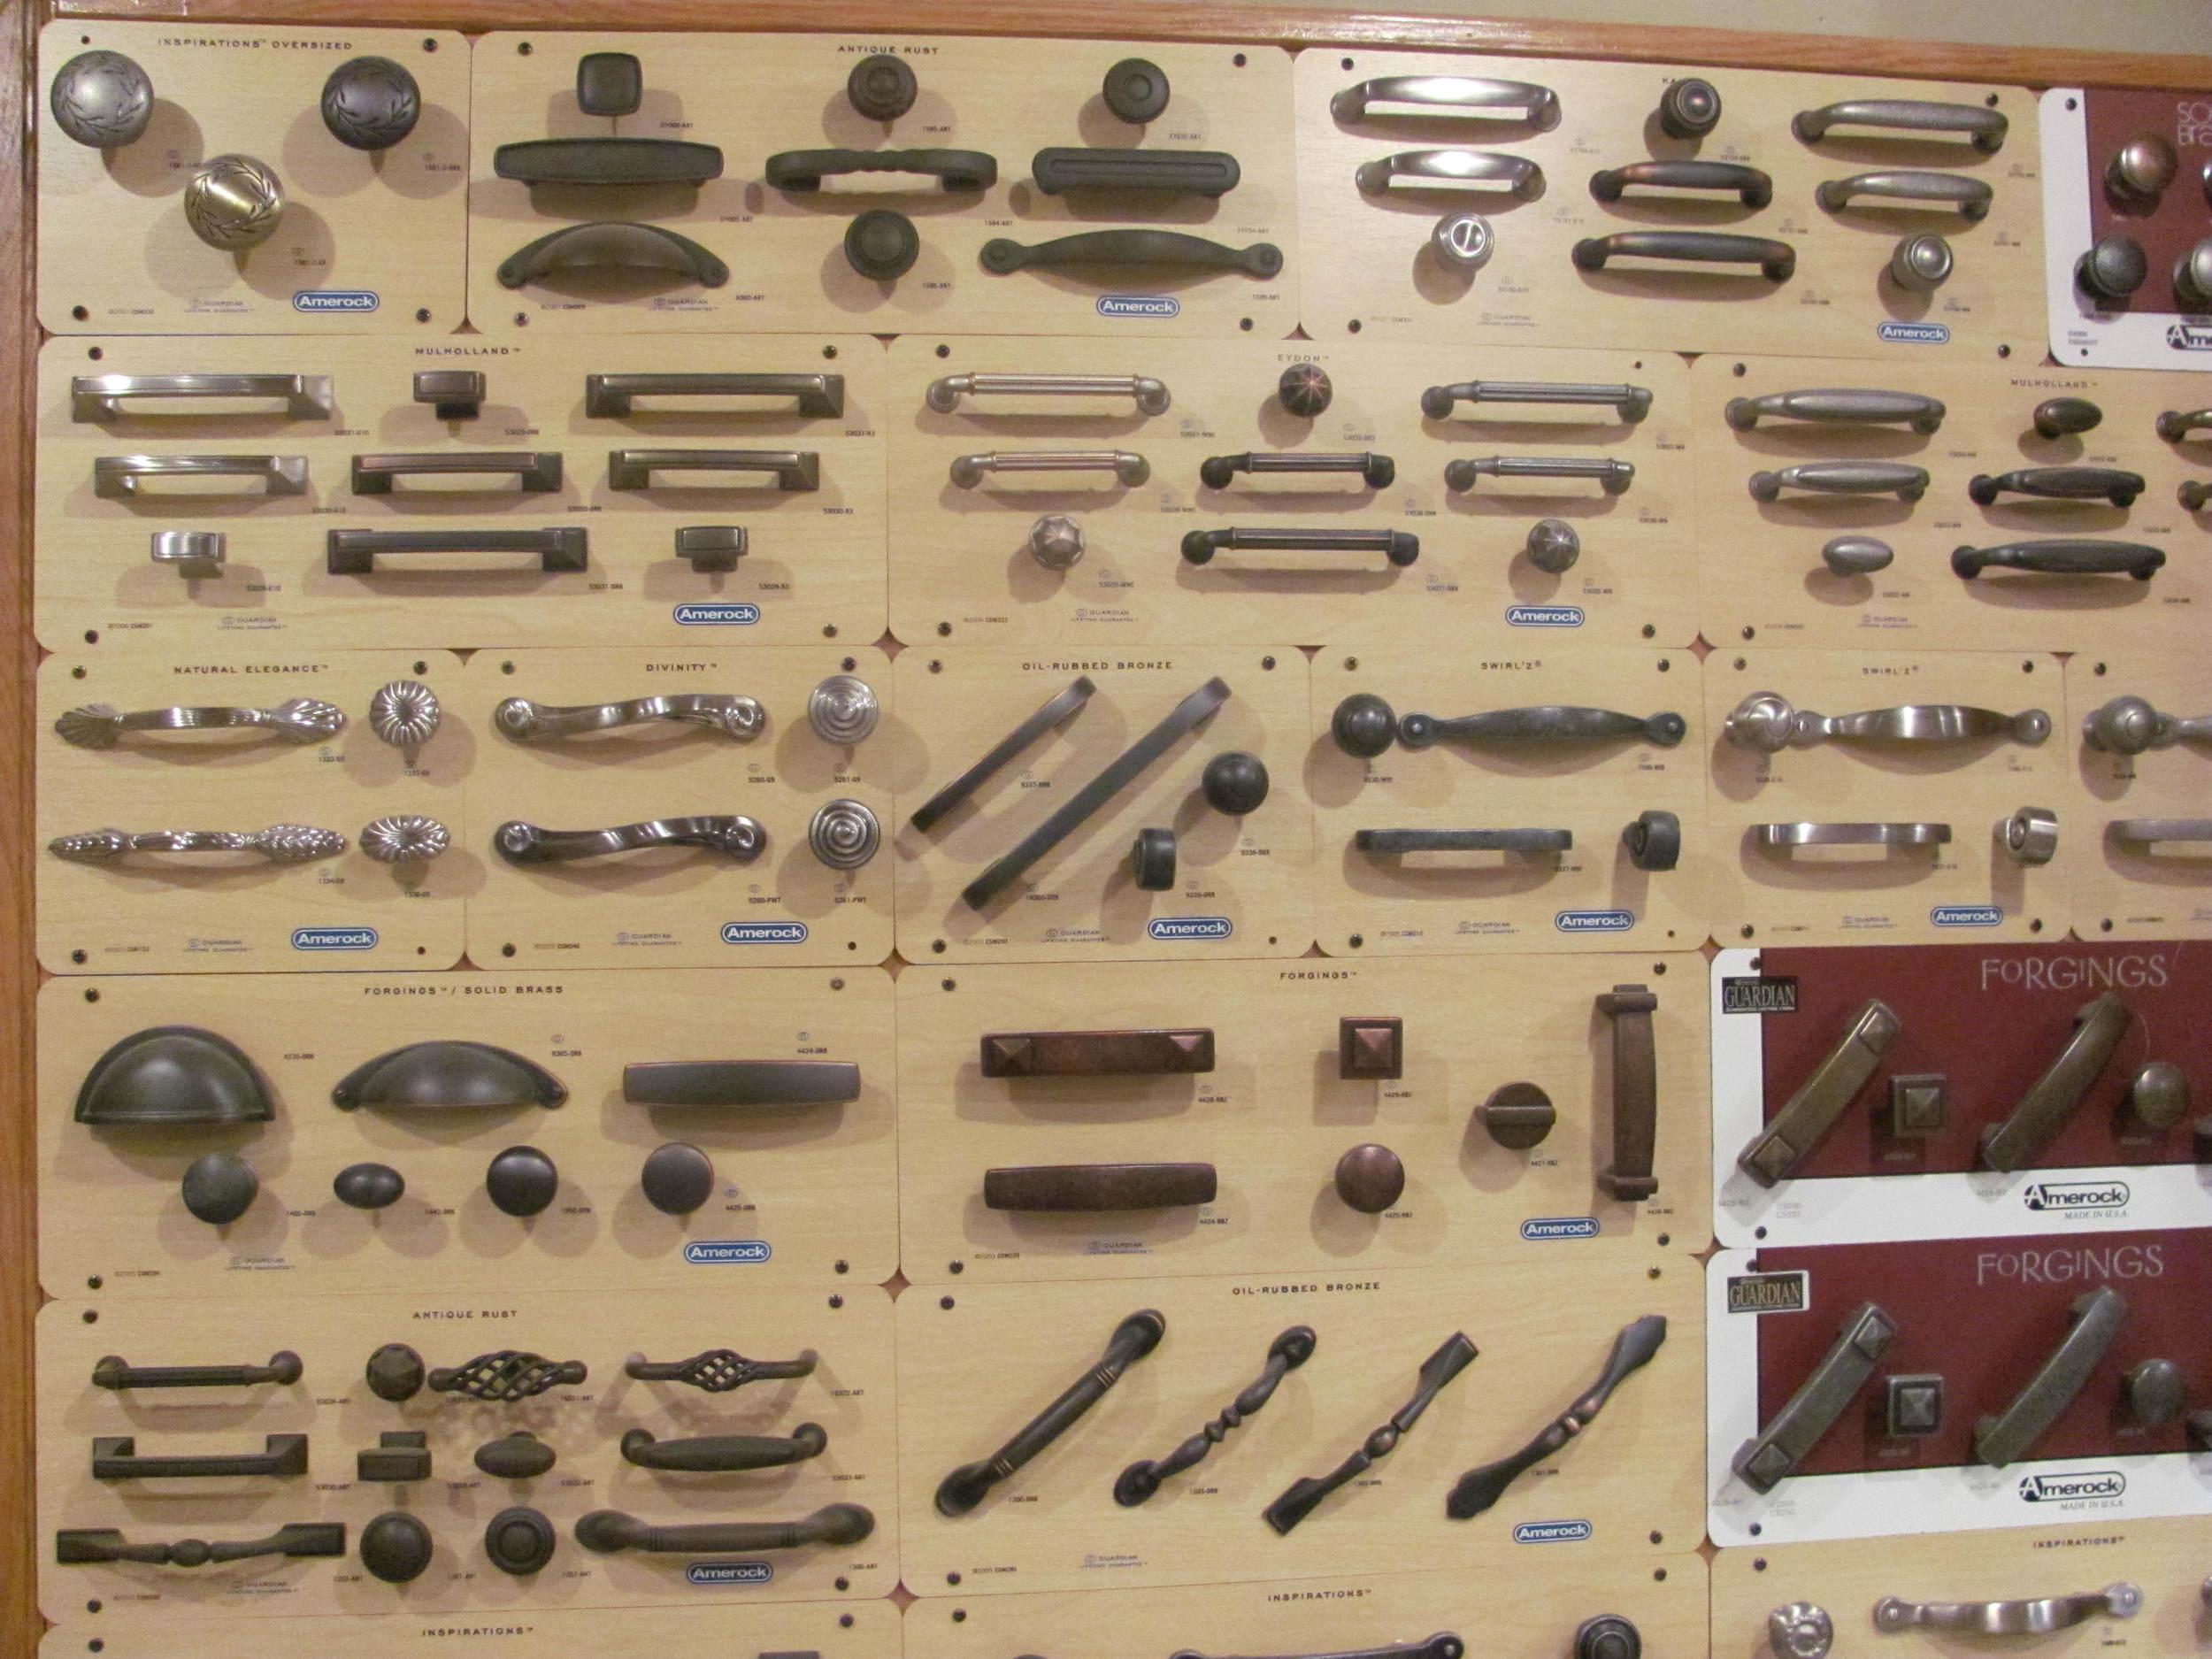 cabinet-accessories.jpg